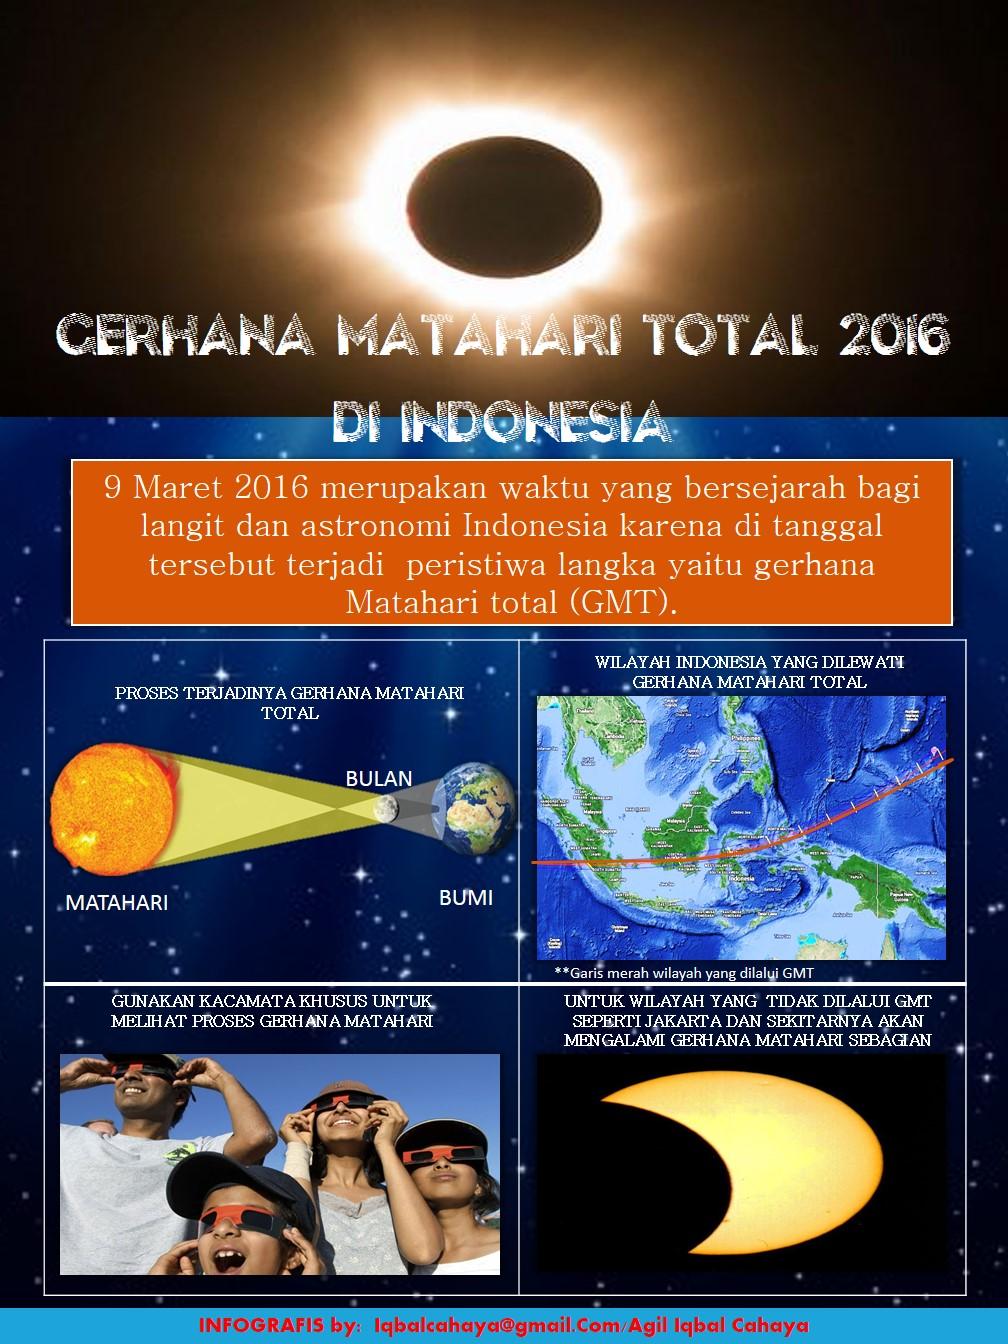 Indonesia Menantikan Gerhana Matahari Total 2016 Sekretariat